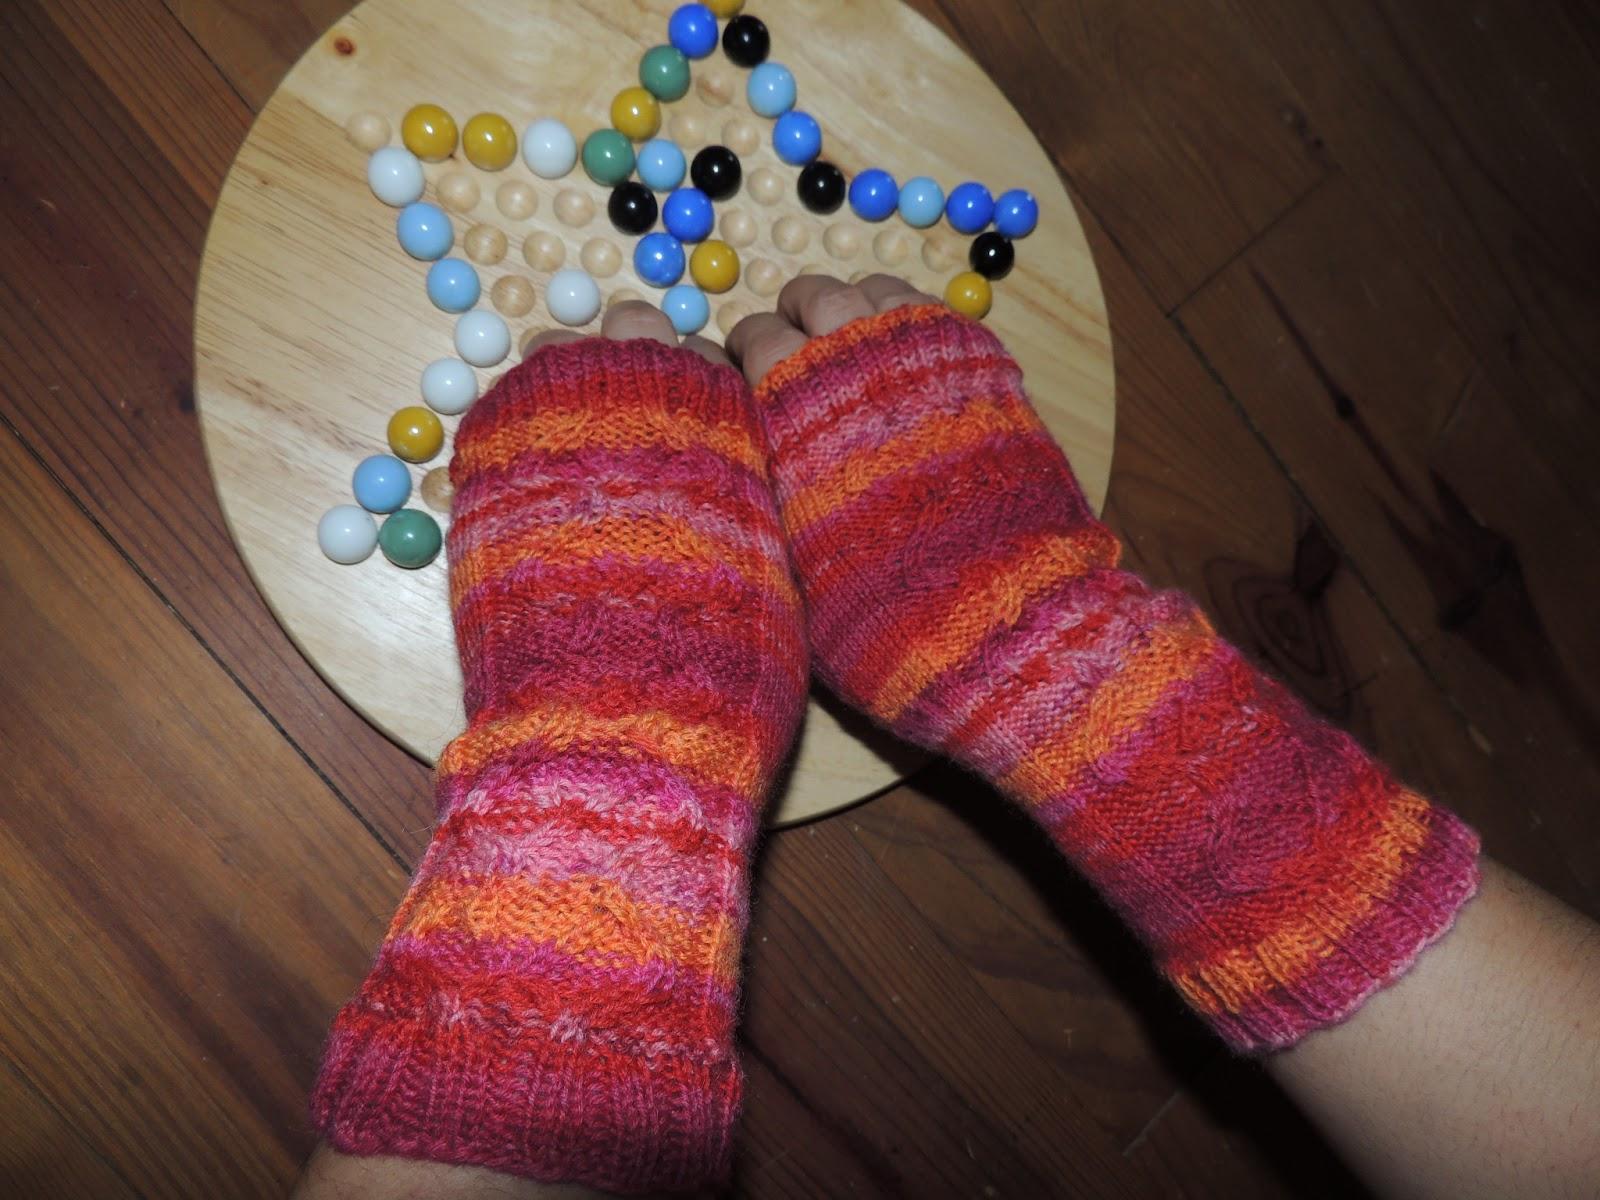 Knitting Journal Char Loving : Anita s knitting journal